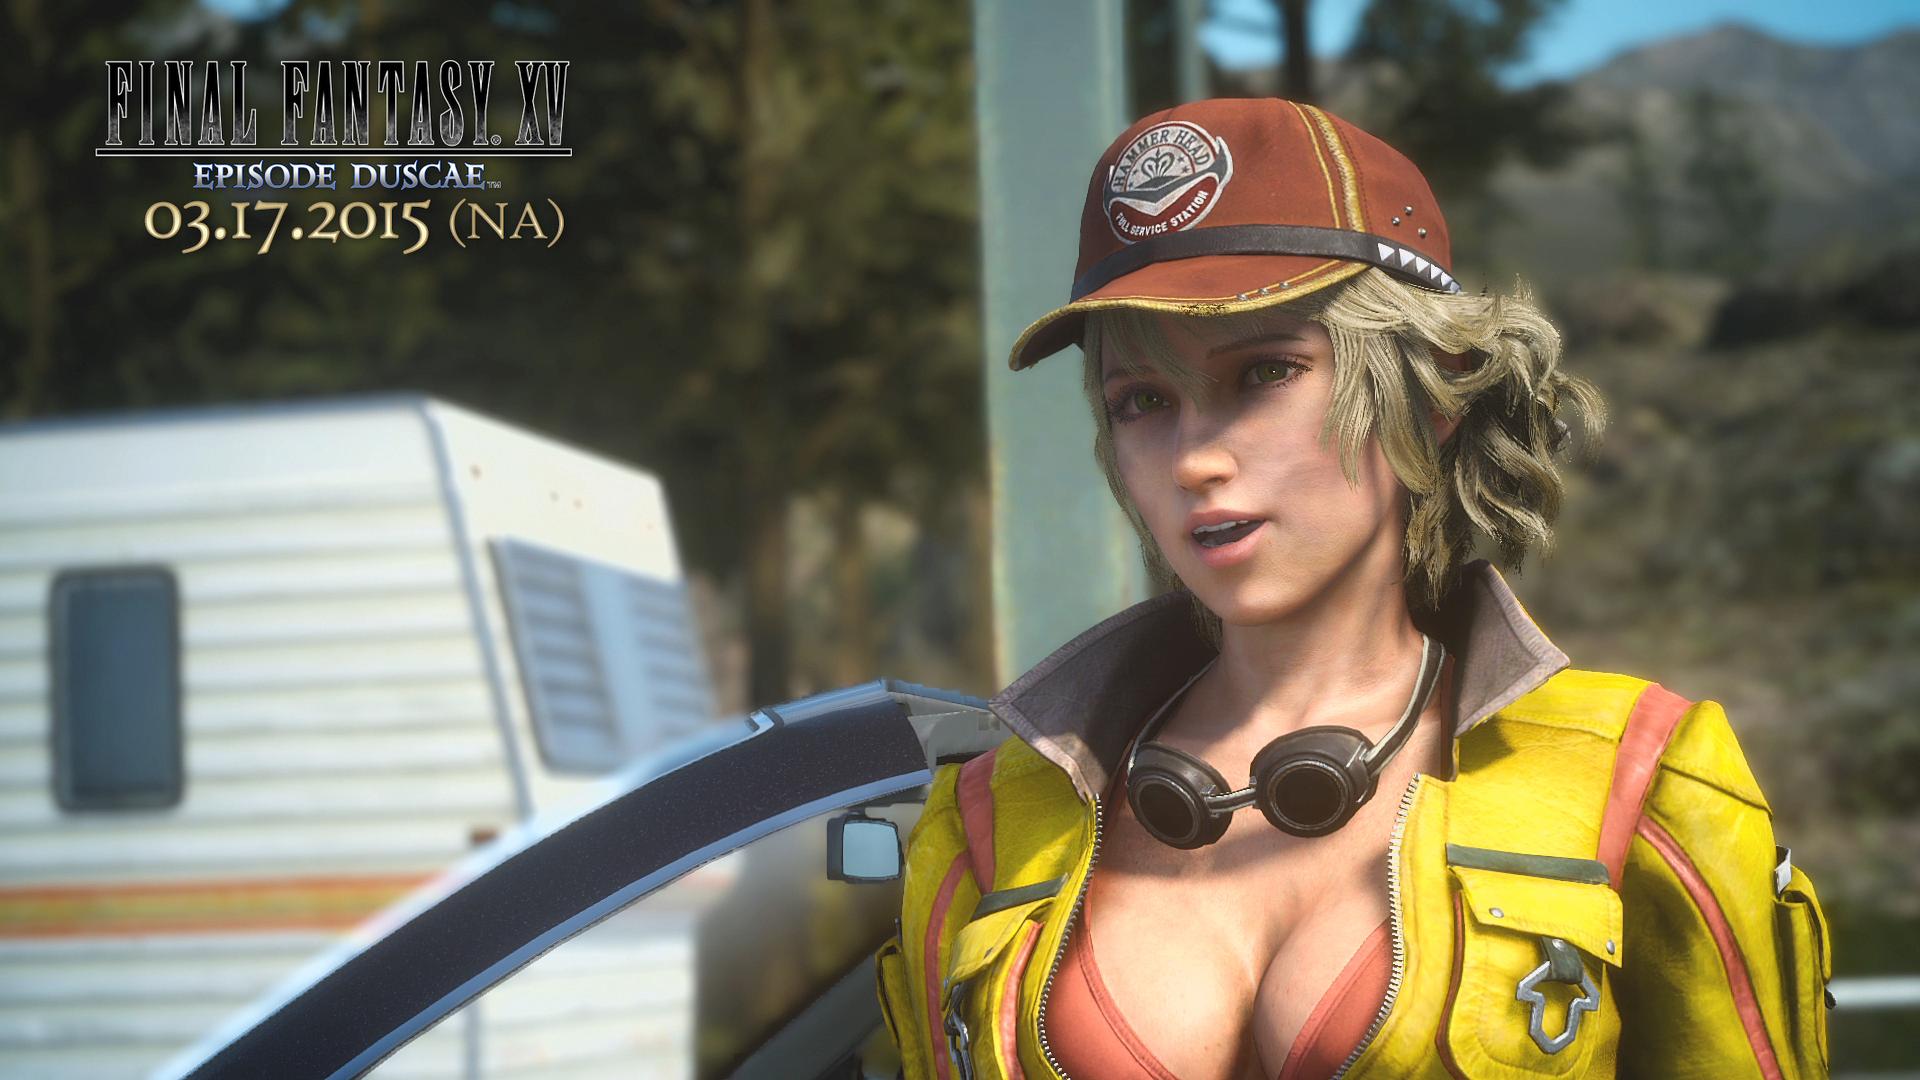 Скриншоты демо-версии Final Fantasy XV.. - Изображение 1